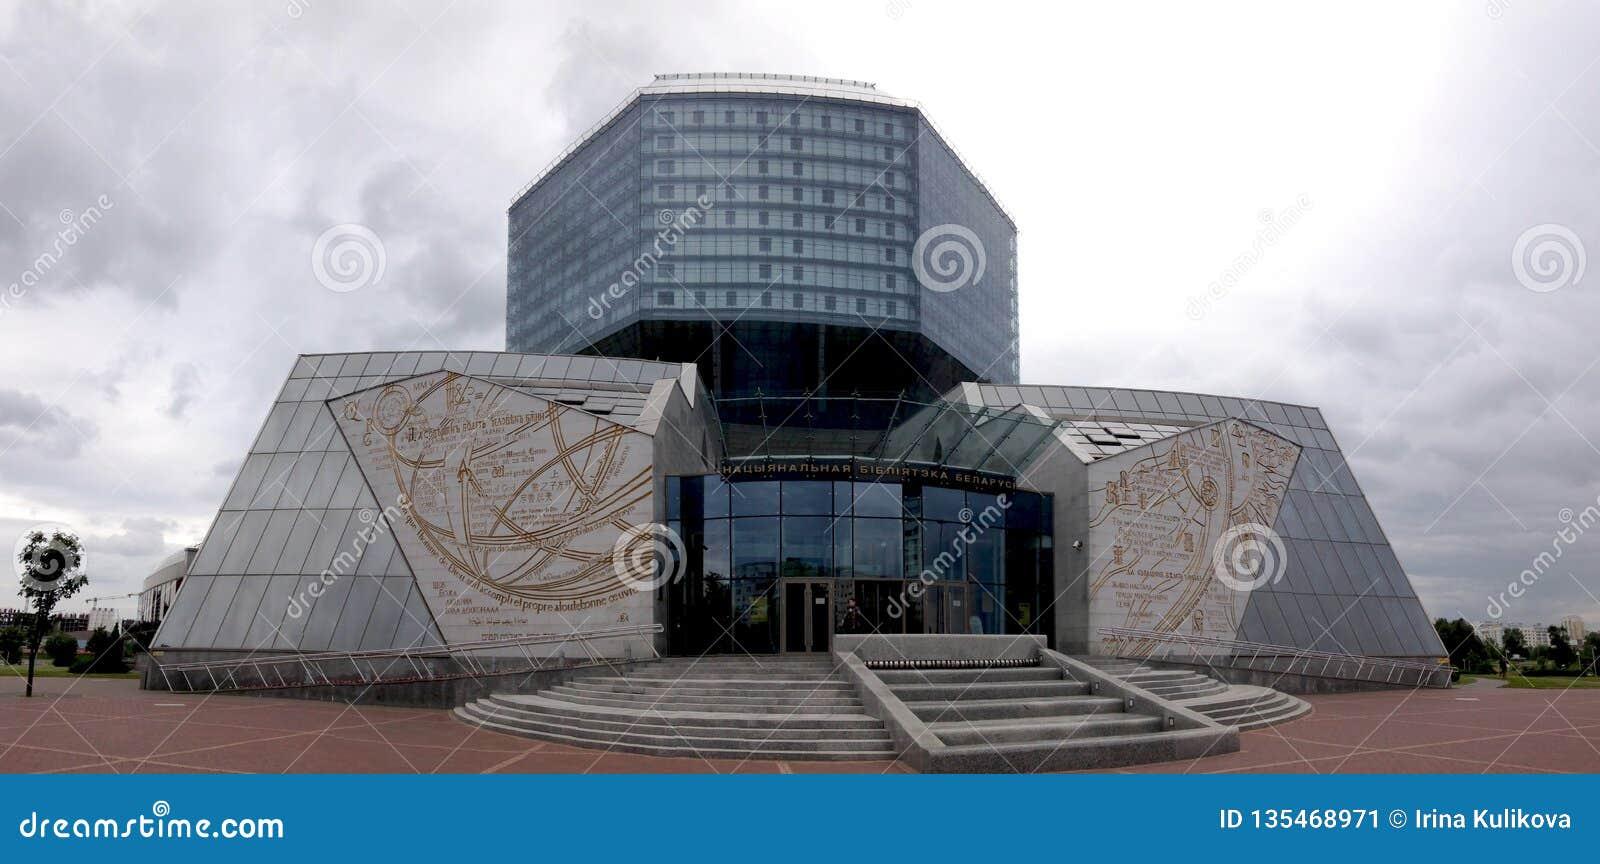 Μινσκ, Λευκορωσία - 12 Ιουνίου 2014: Σύγχρονη οικοδόμηση της εθνικής βιβλιοθήκης της Λευκορωσίας, Μινσκ Μπροστινή όψη